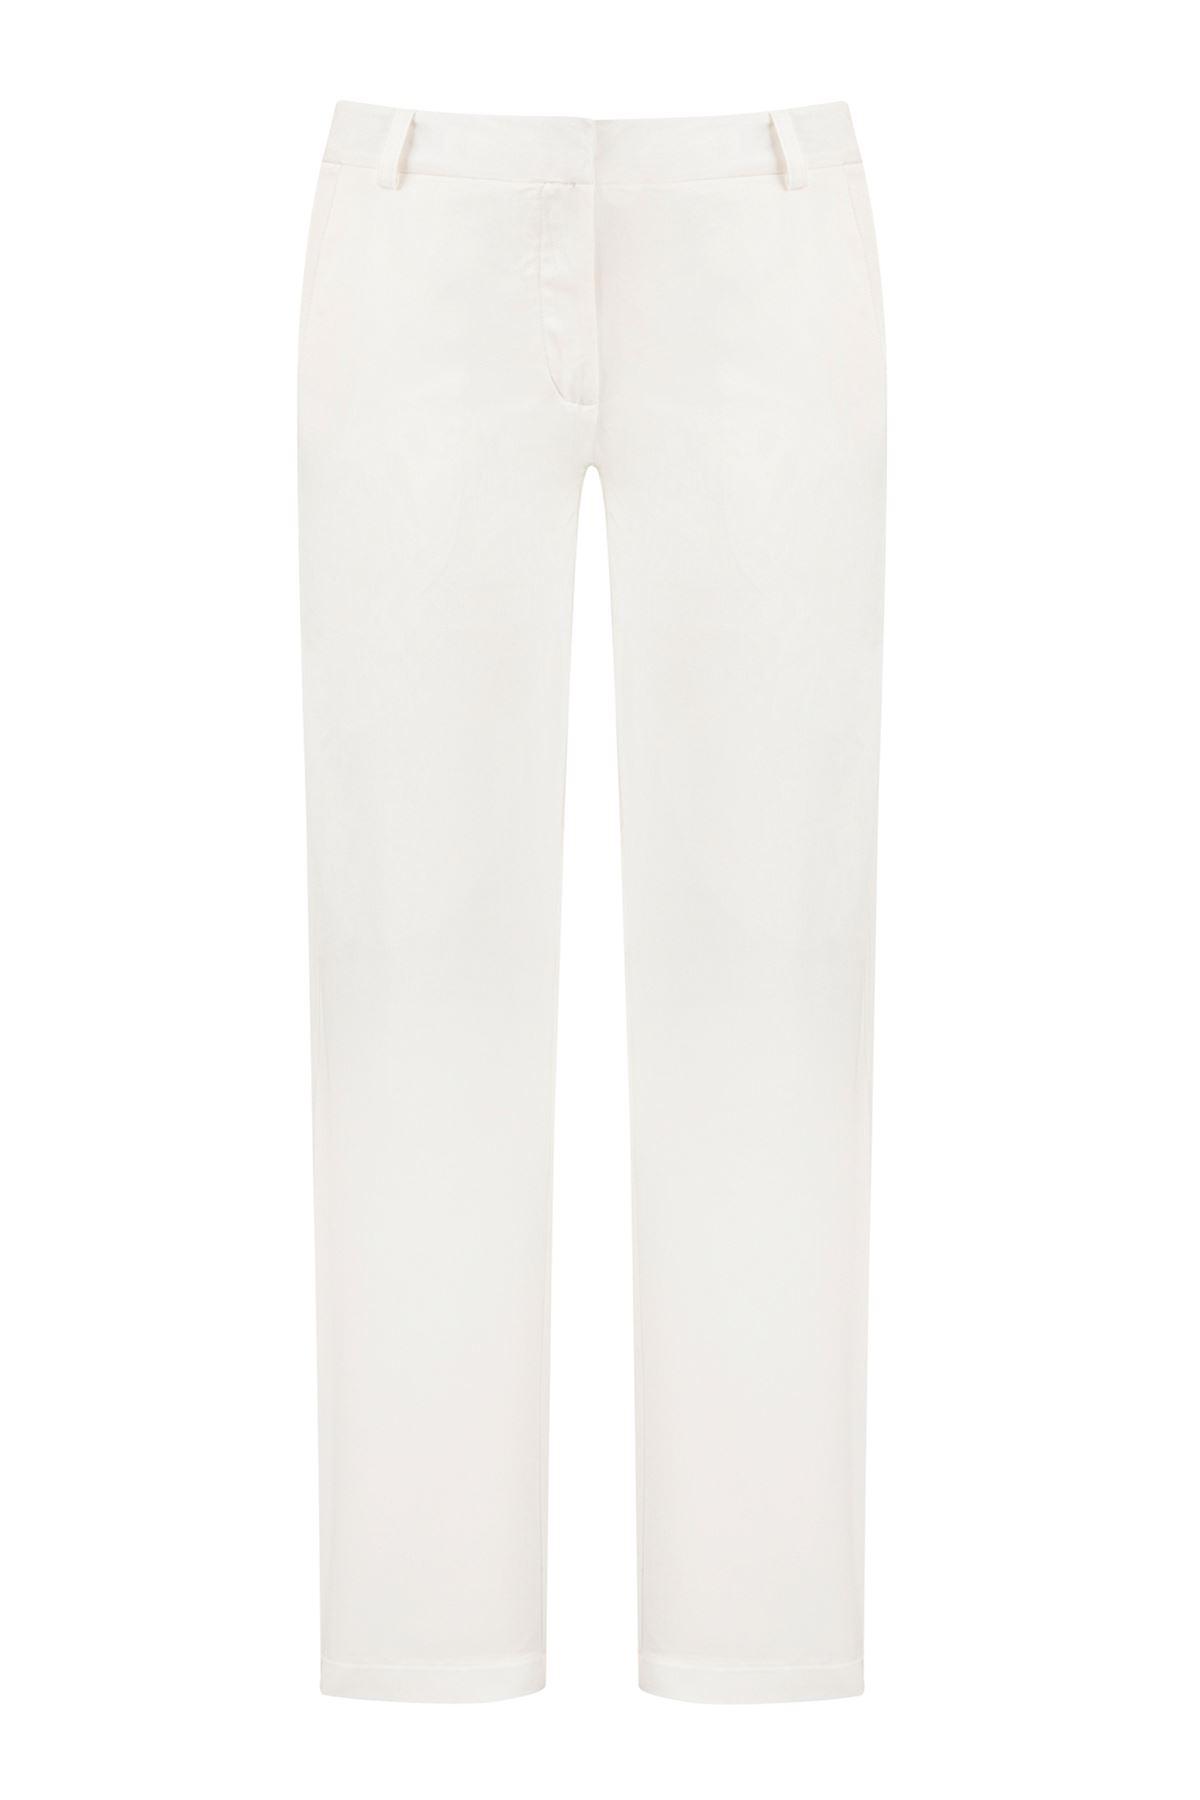 Beyaz Fitted Cigarette Pantolon